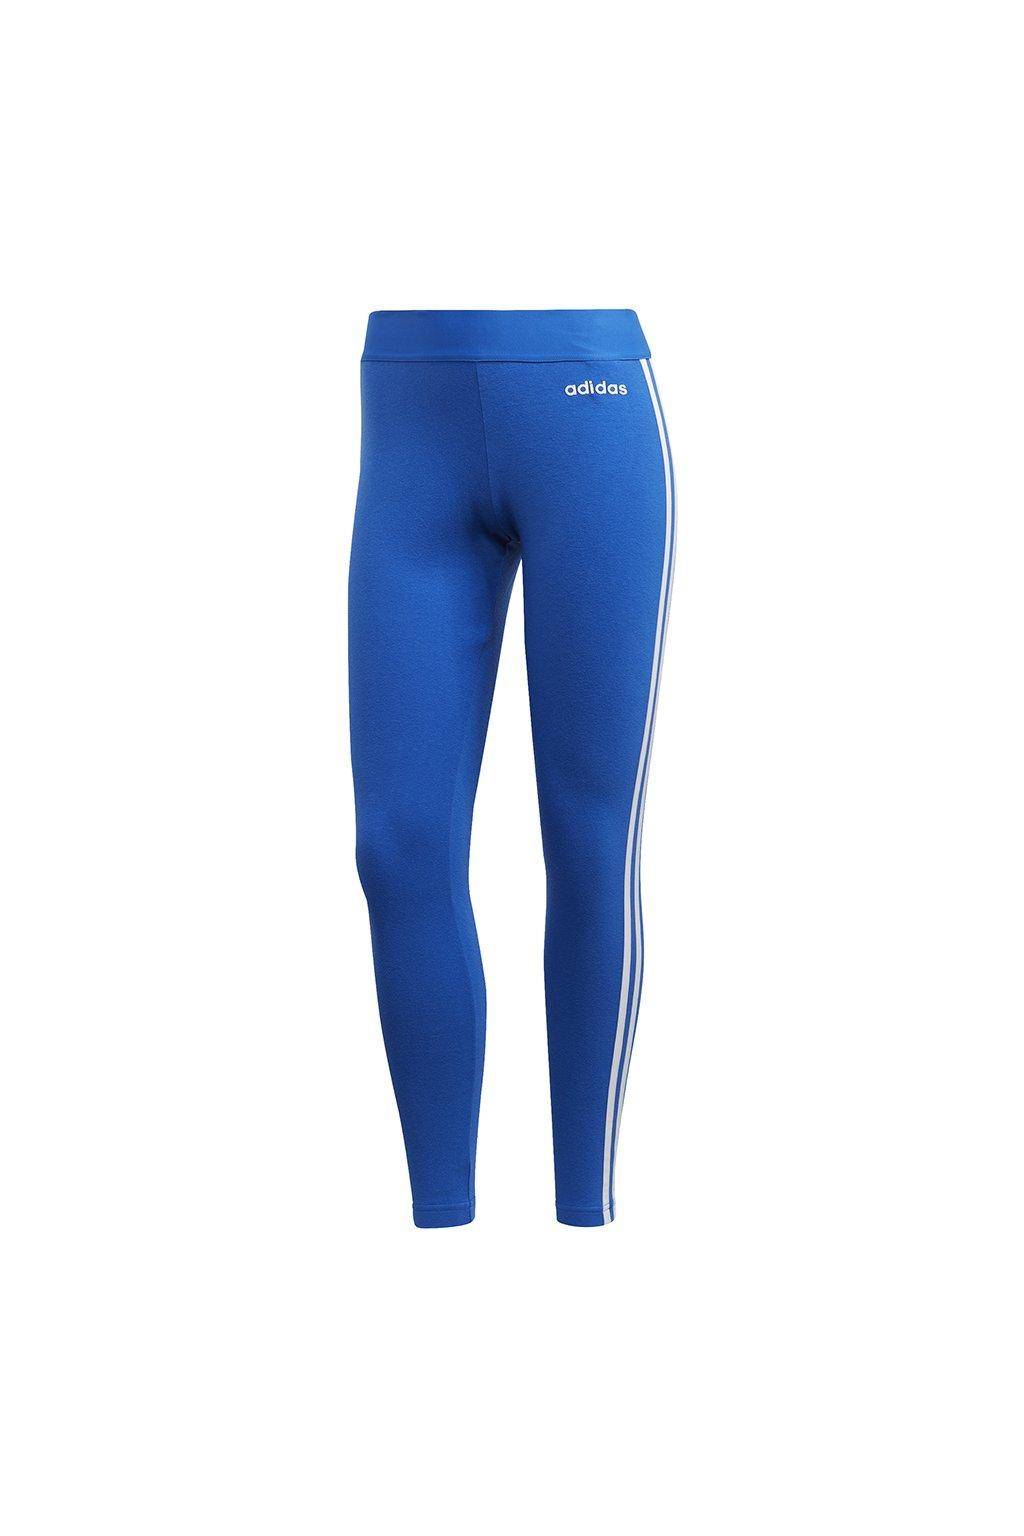 Dámske legíny Adidas W Essentials 3S Tight modré FM6701